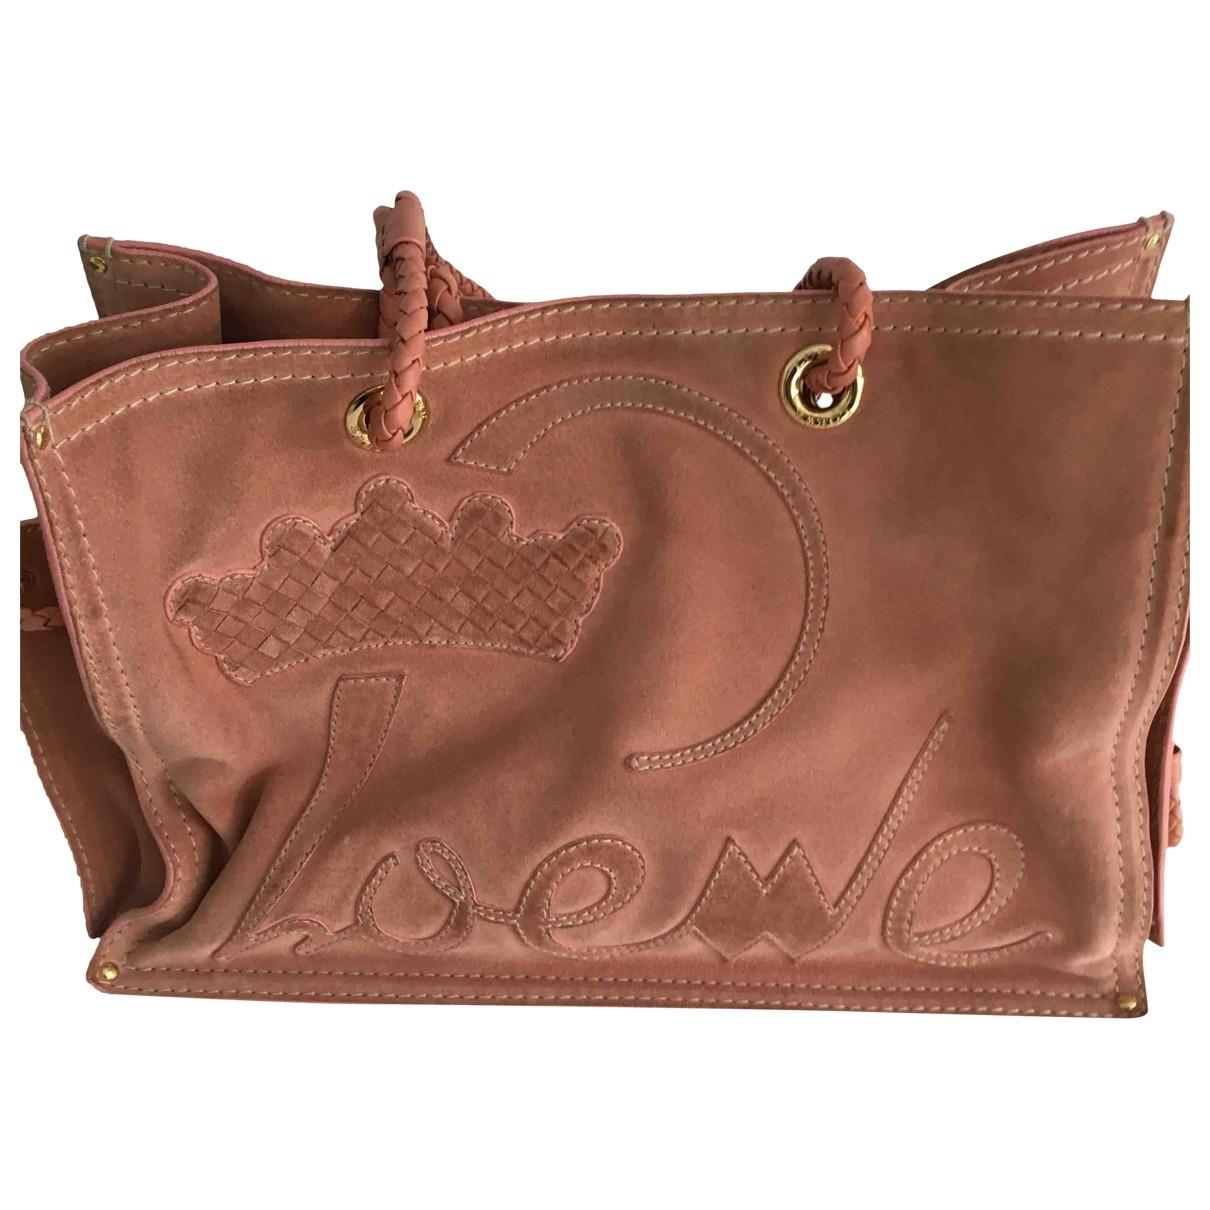 Loewe \N Handtasche in  Rosa Veloursleder